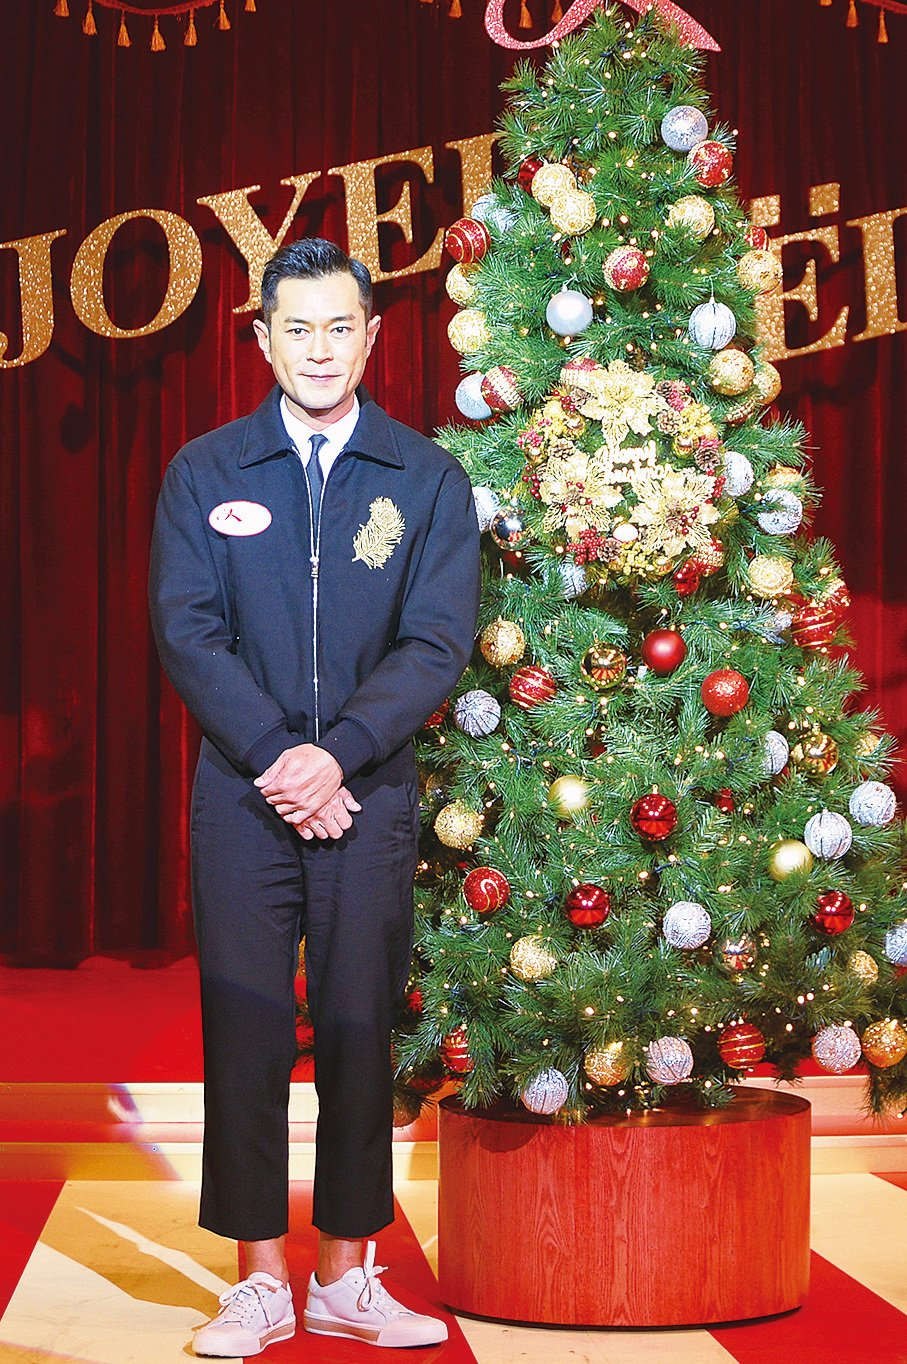 古天樂在「又一城‧快樂聖誕」台上表演魔術,變出聖誕花來裝飾聖誕花環。(宋碧龍/大紀元)